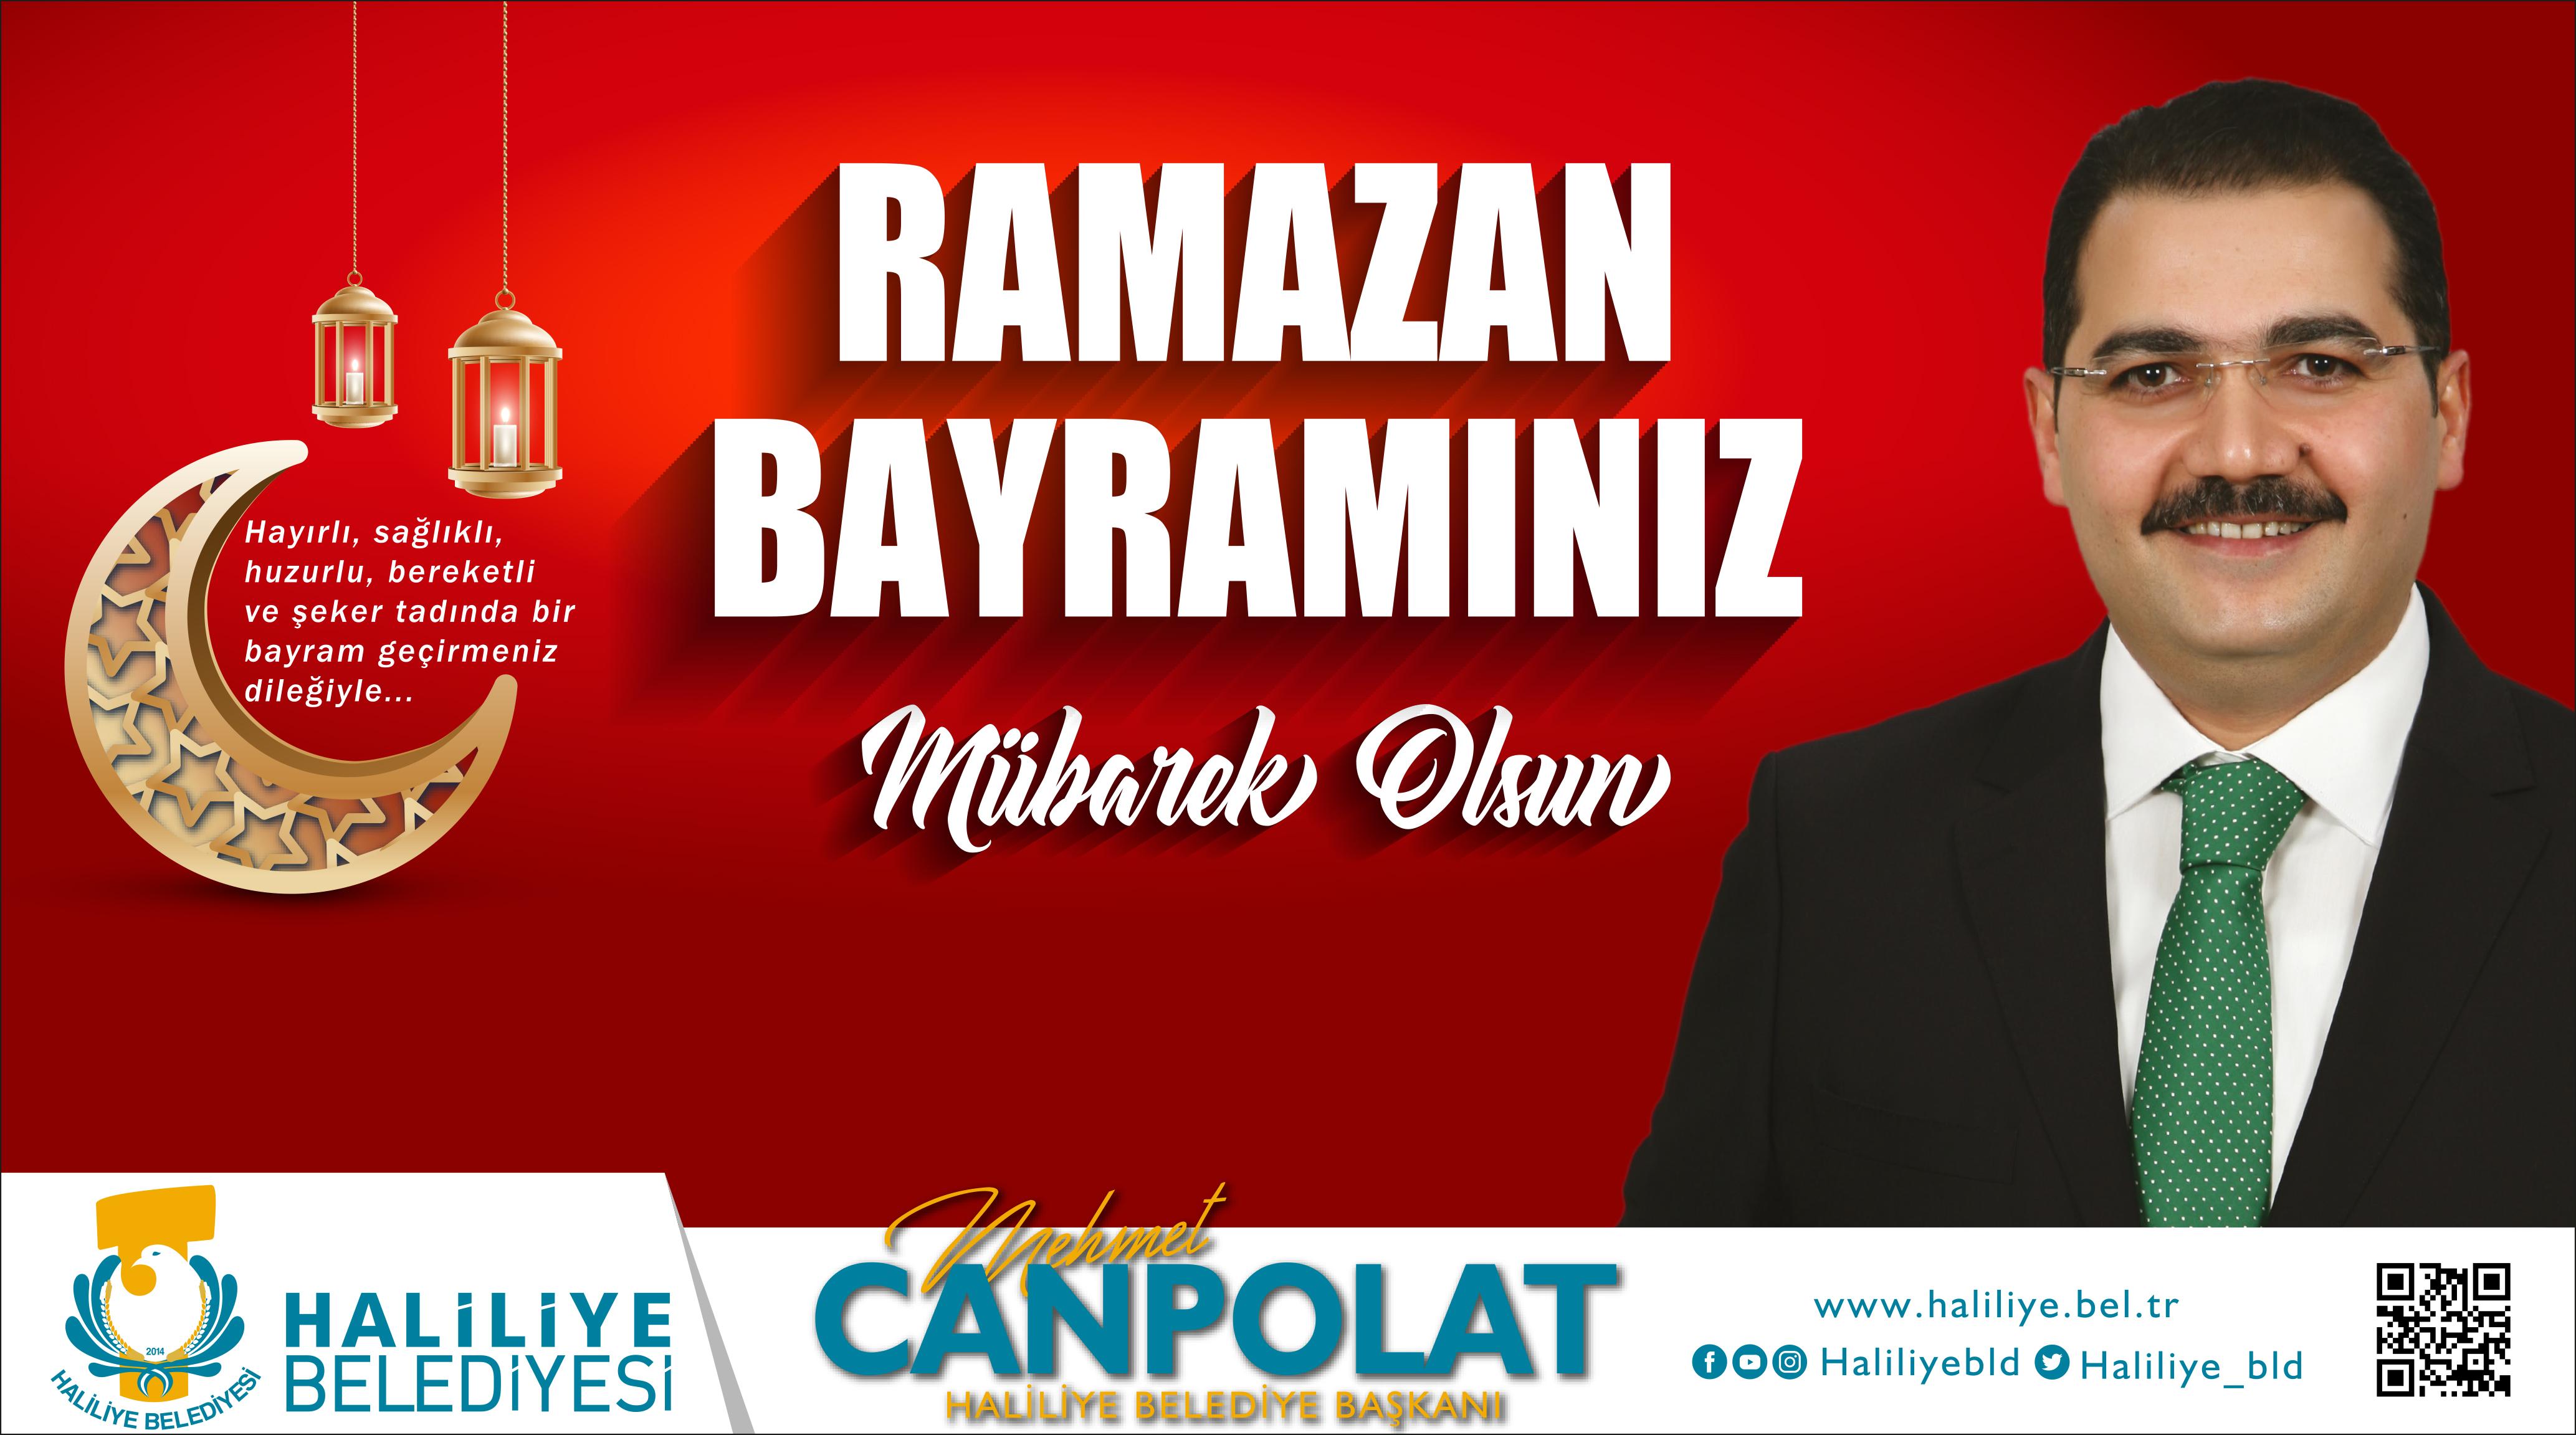 Canpolat'tan Ramazan Bayramı mesajı